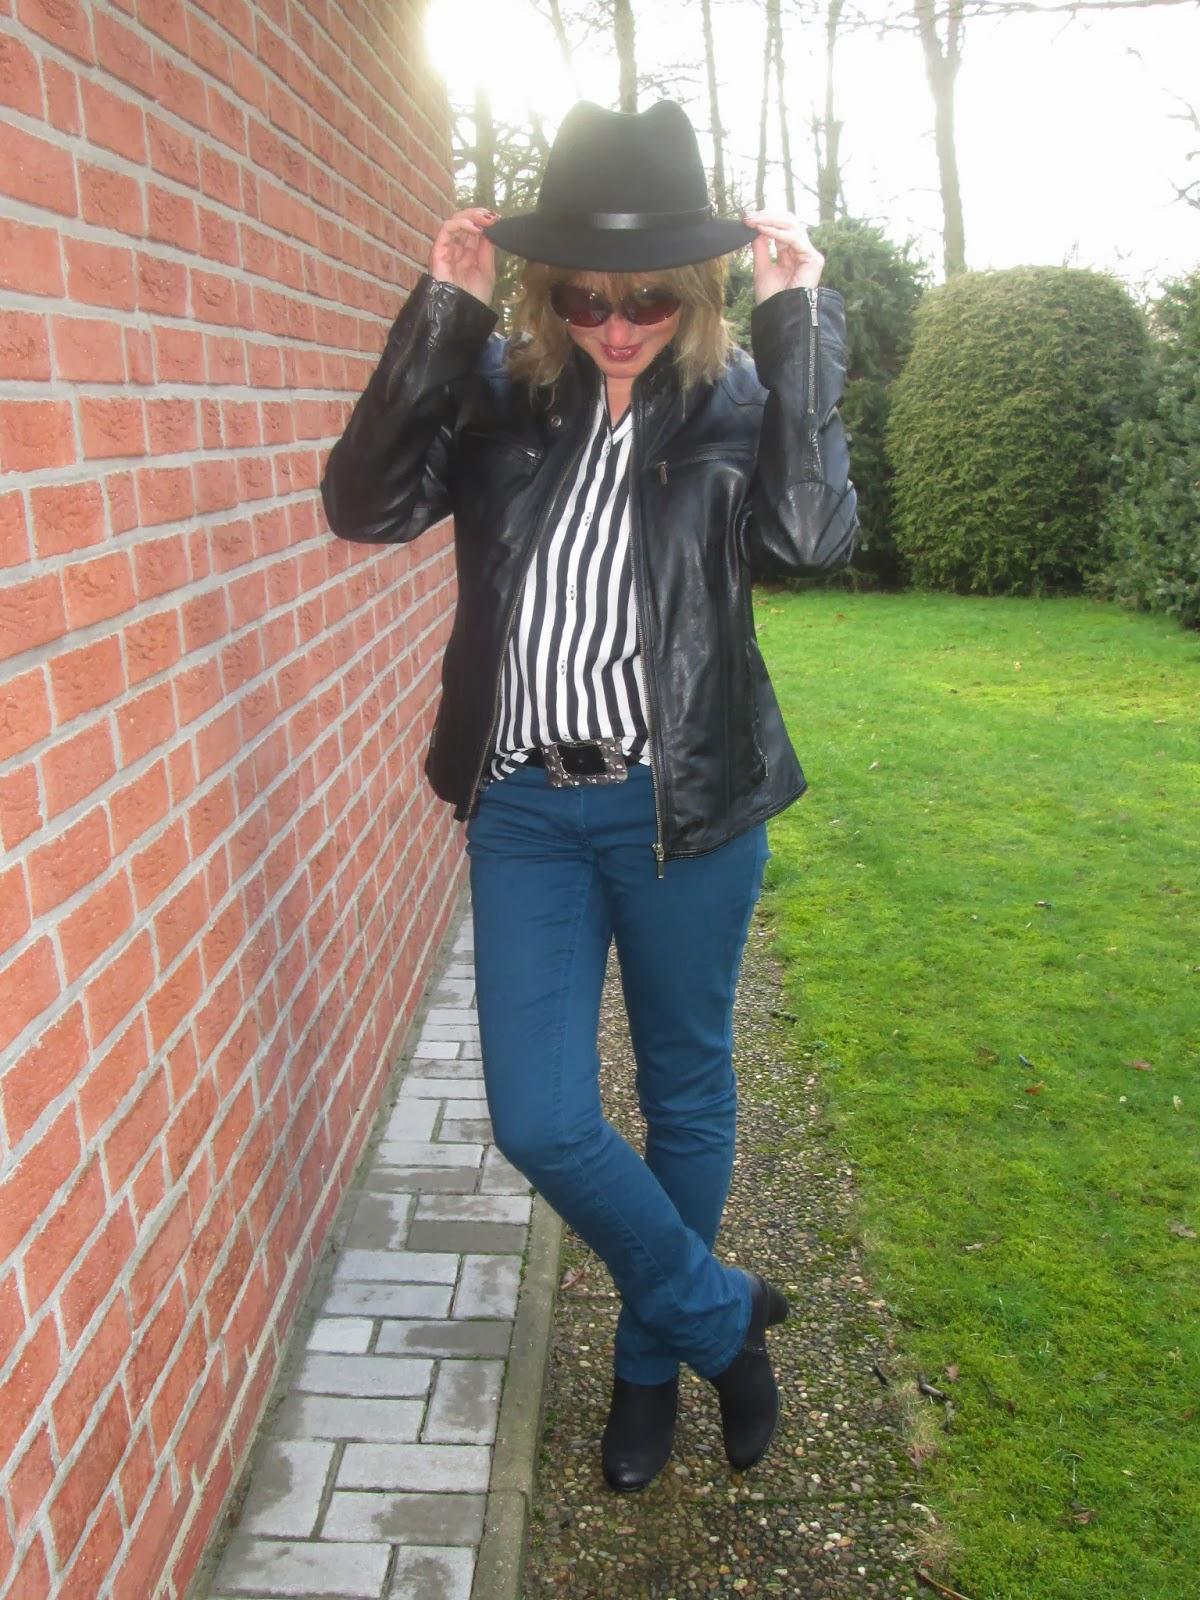 ari sunshine 40 mode blog hamburg schleswig holstein outfit mit neuer streifenbluse. Black Bedroom Furniture Sets. Home Design Ideas